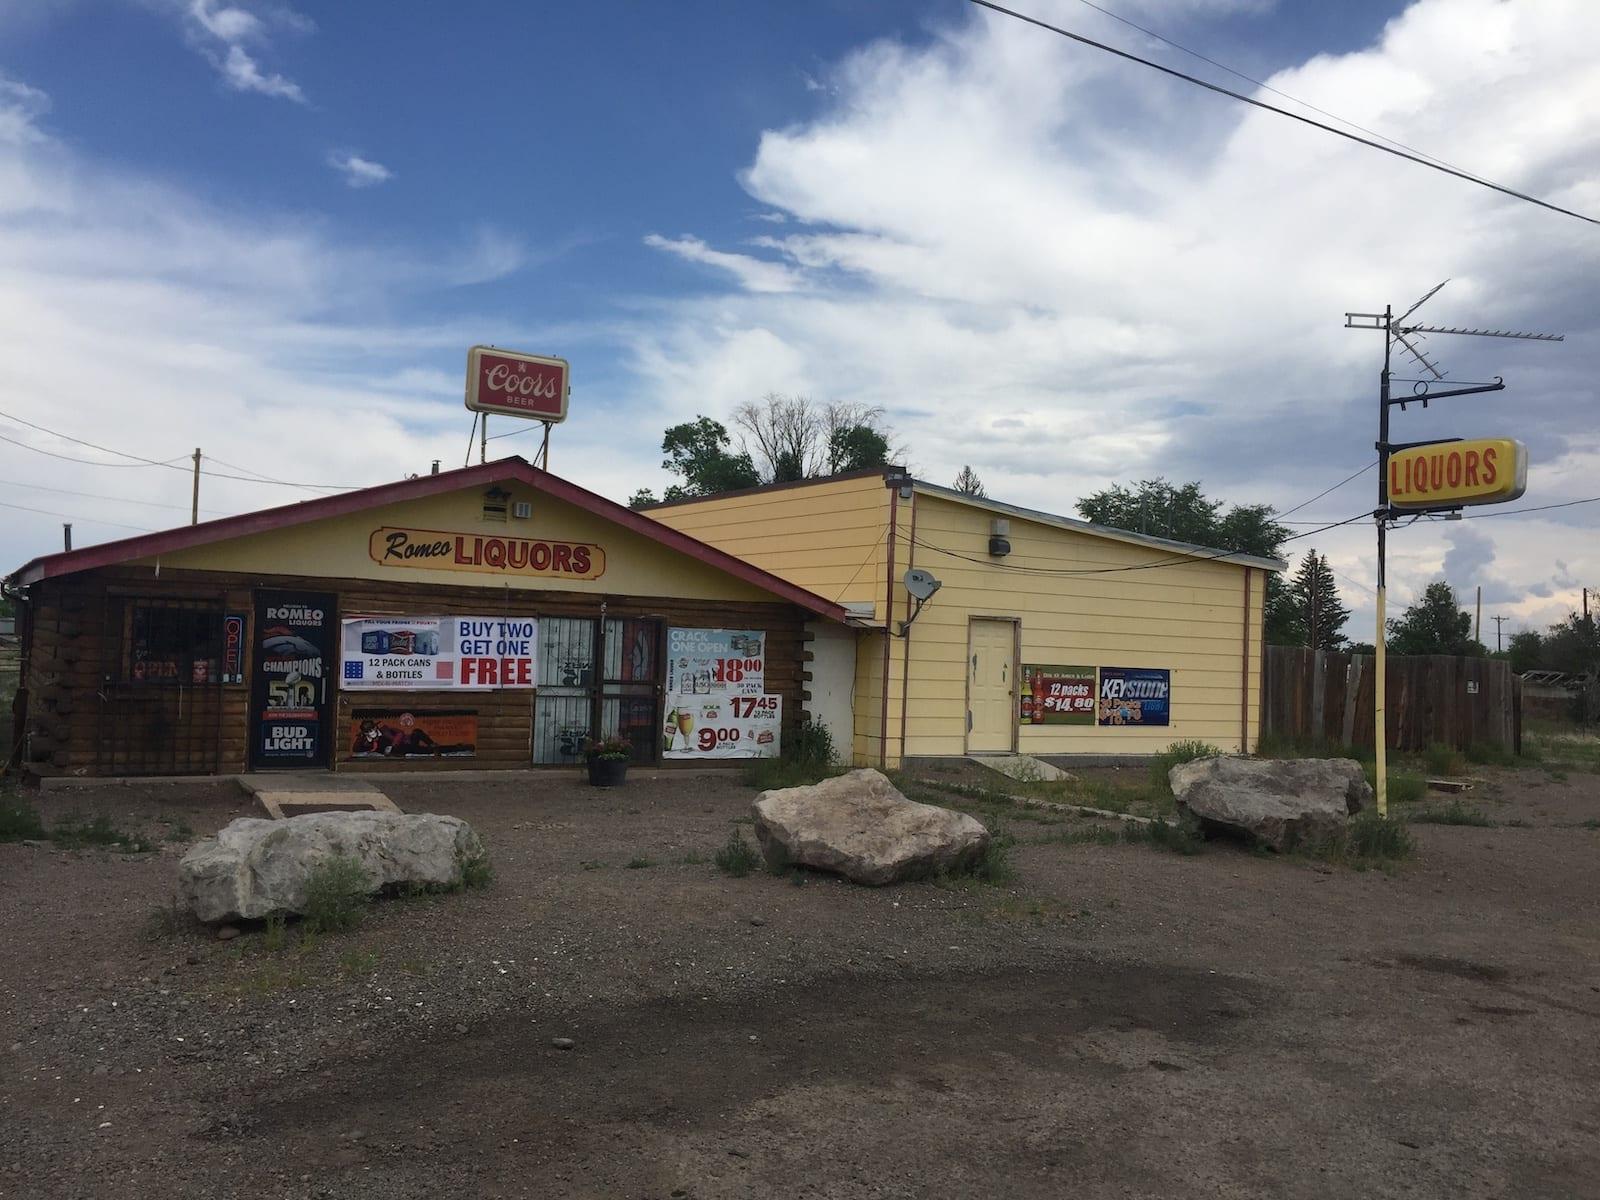 Romeo Colorado Liquor Store